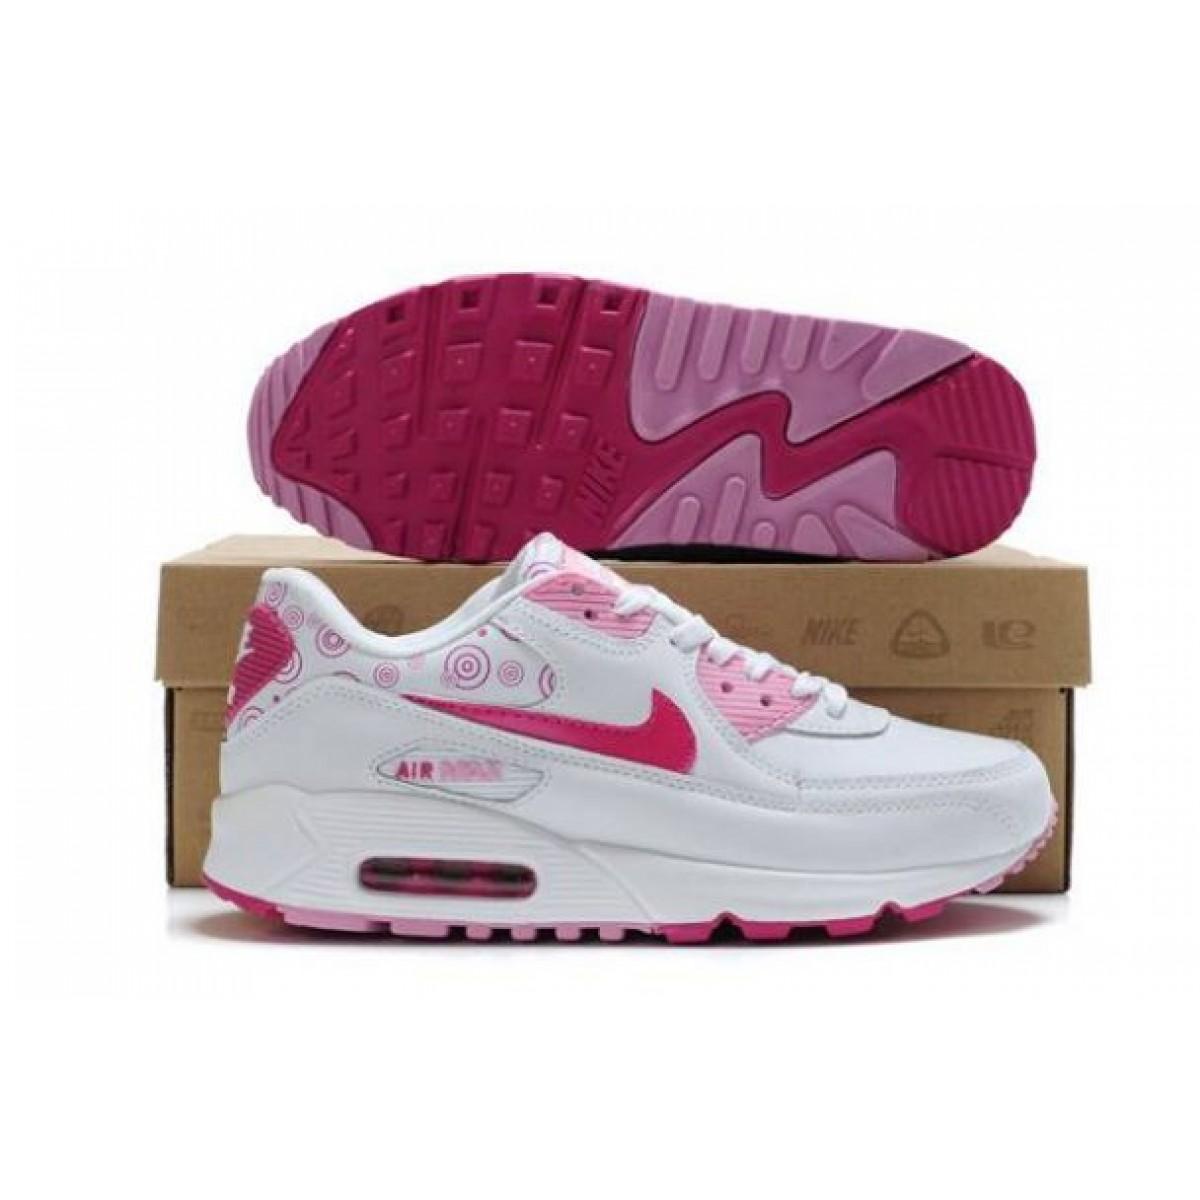 chaussure nike air max femme rose